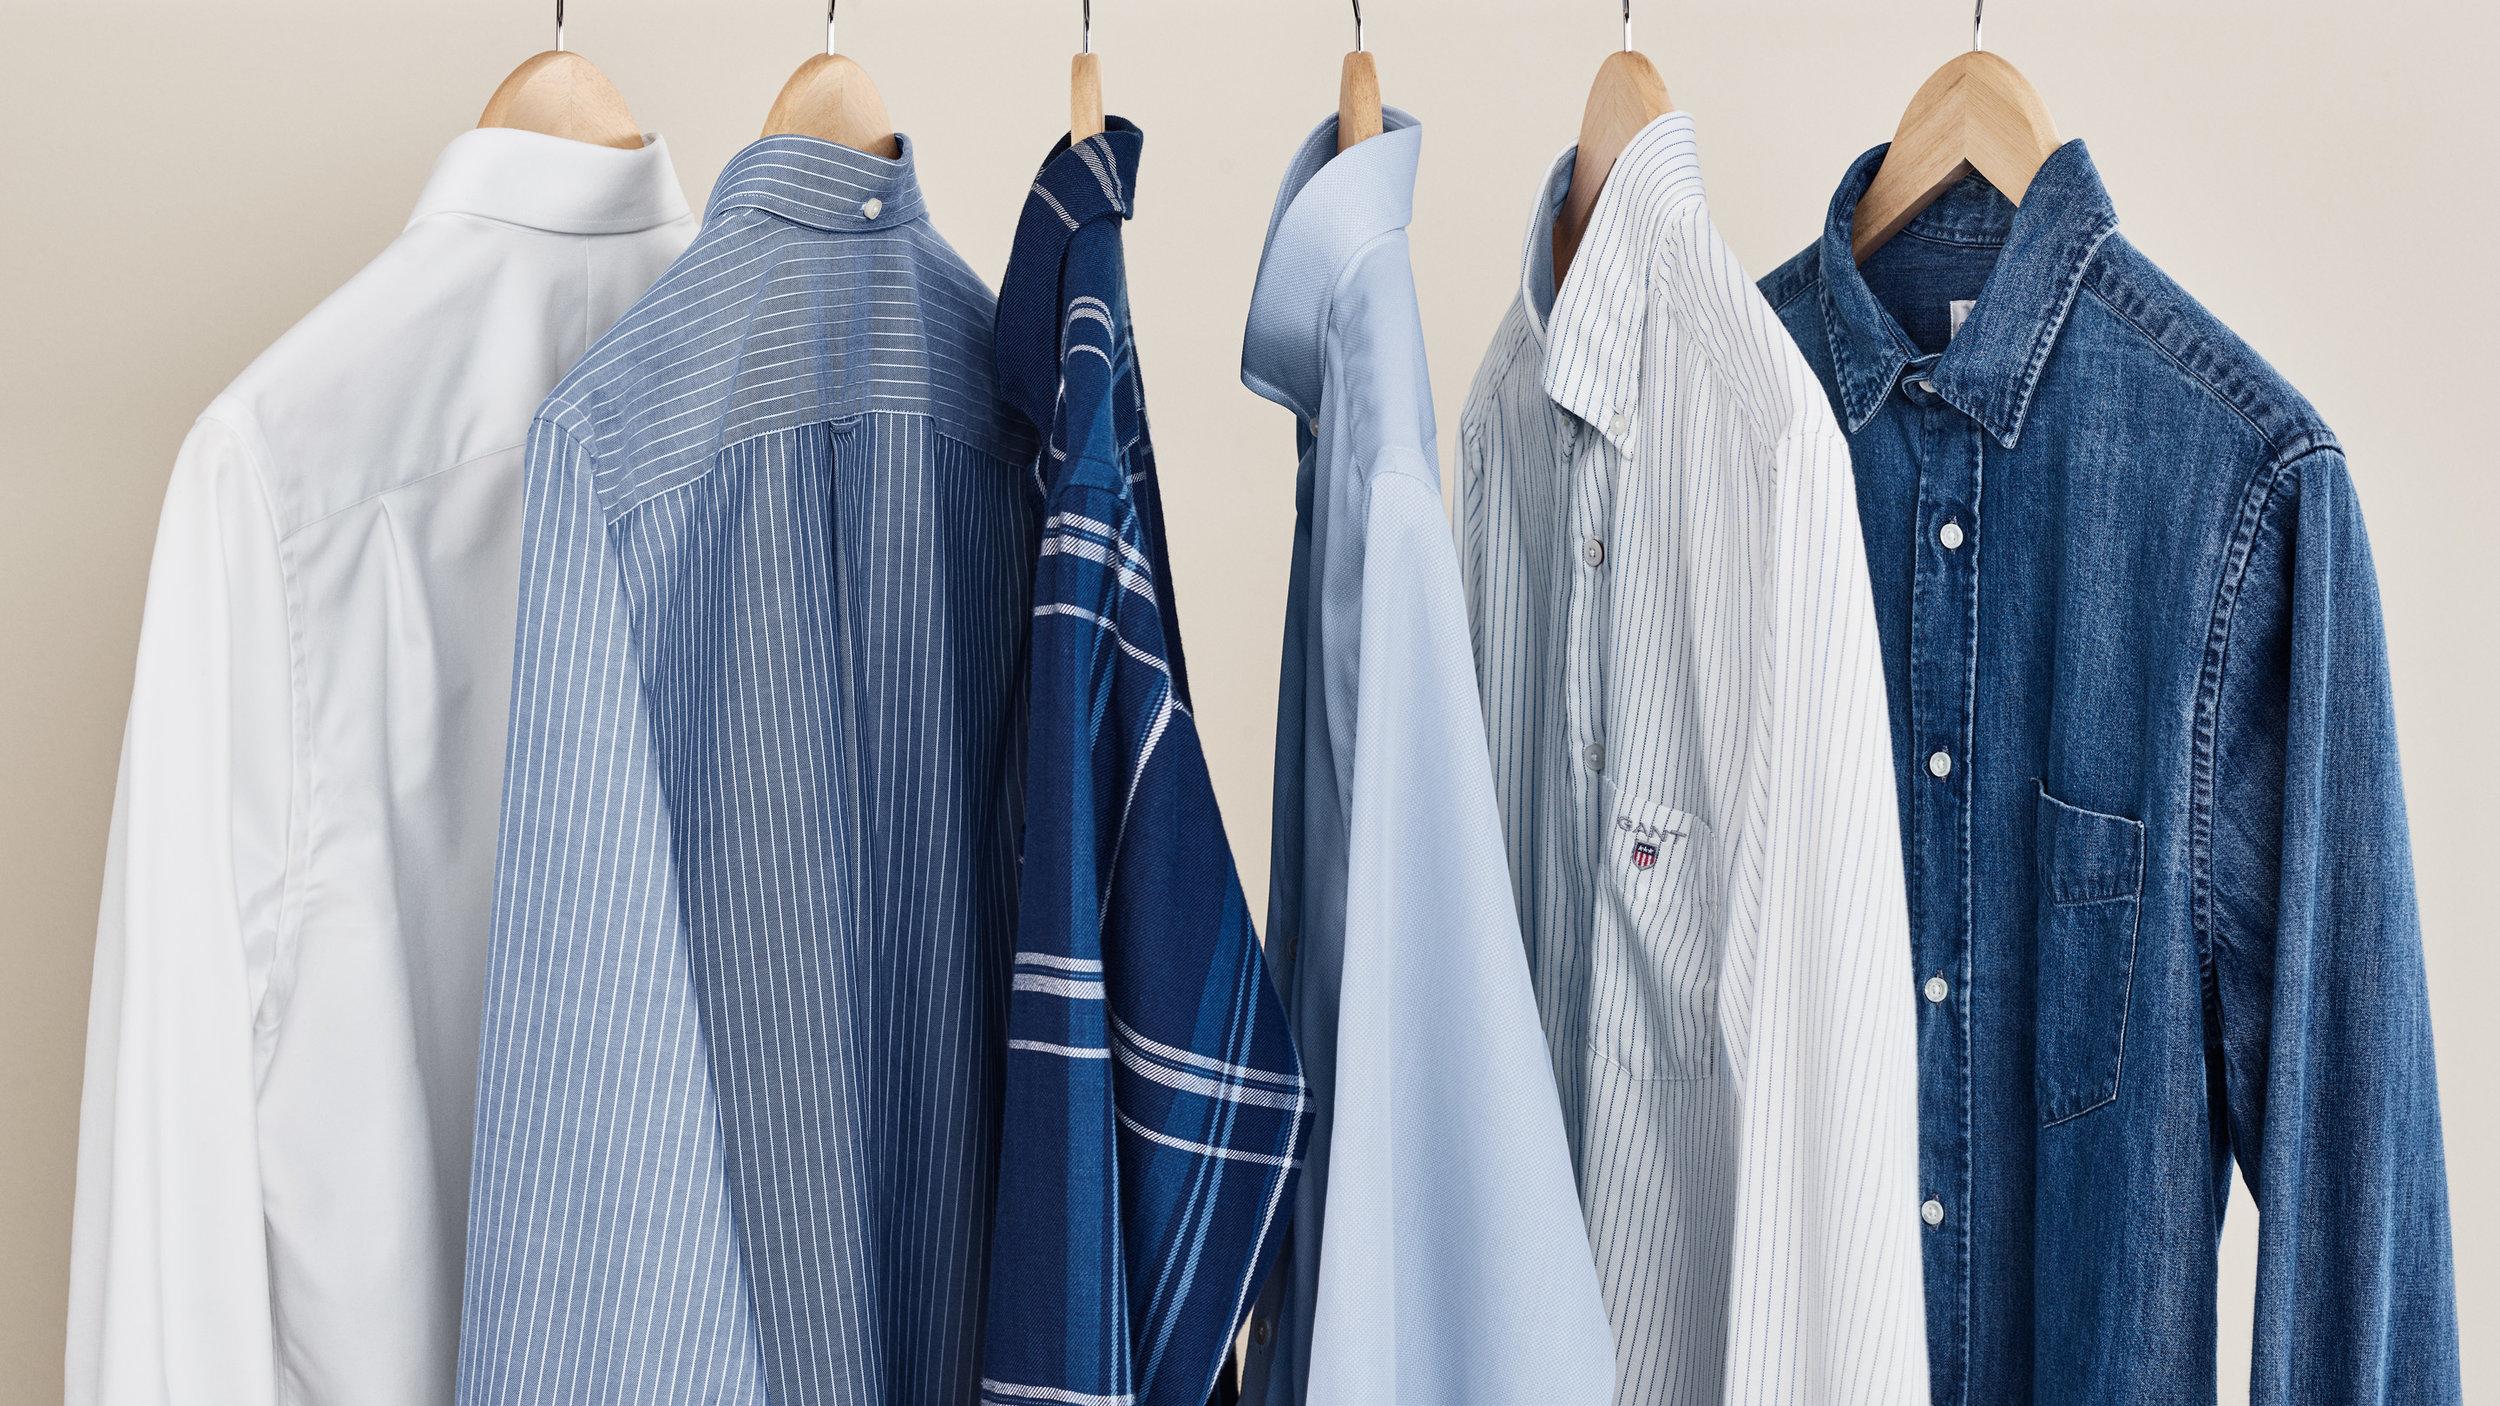 mens_shirts.jpg